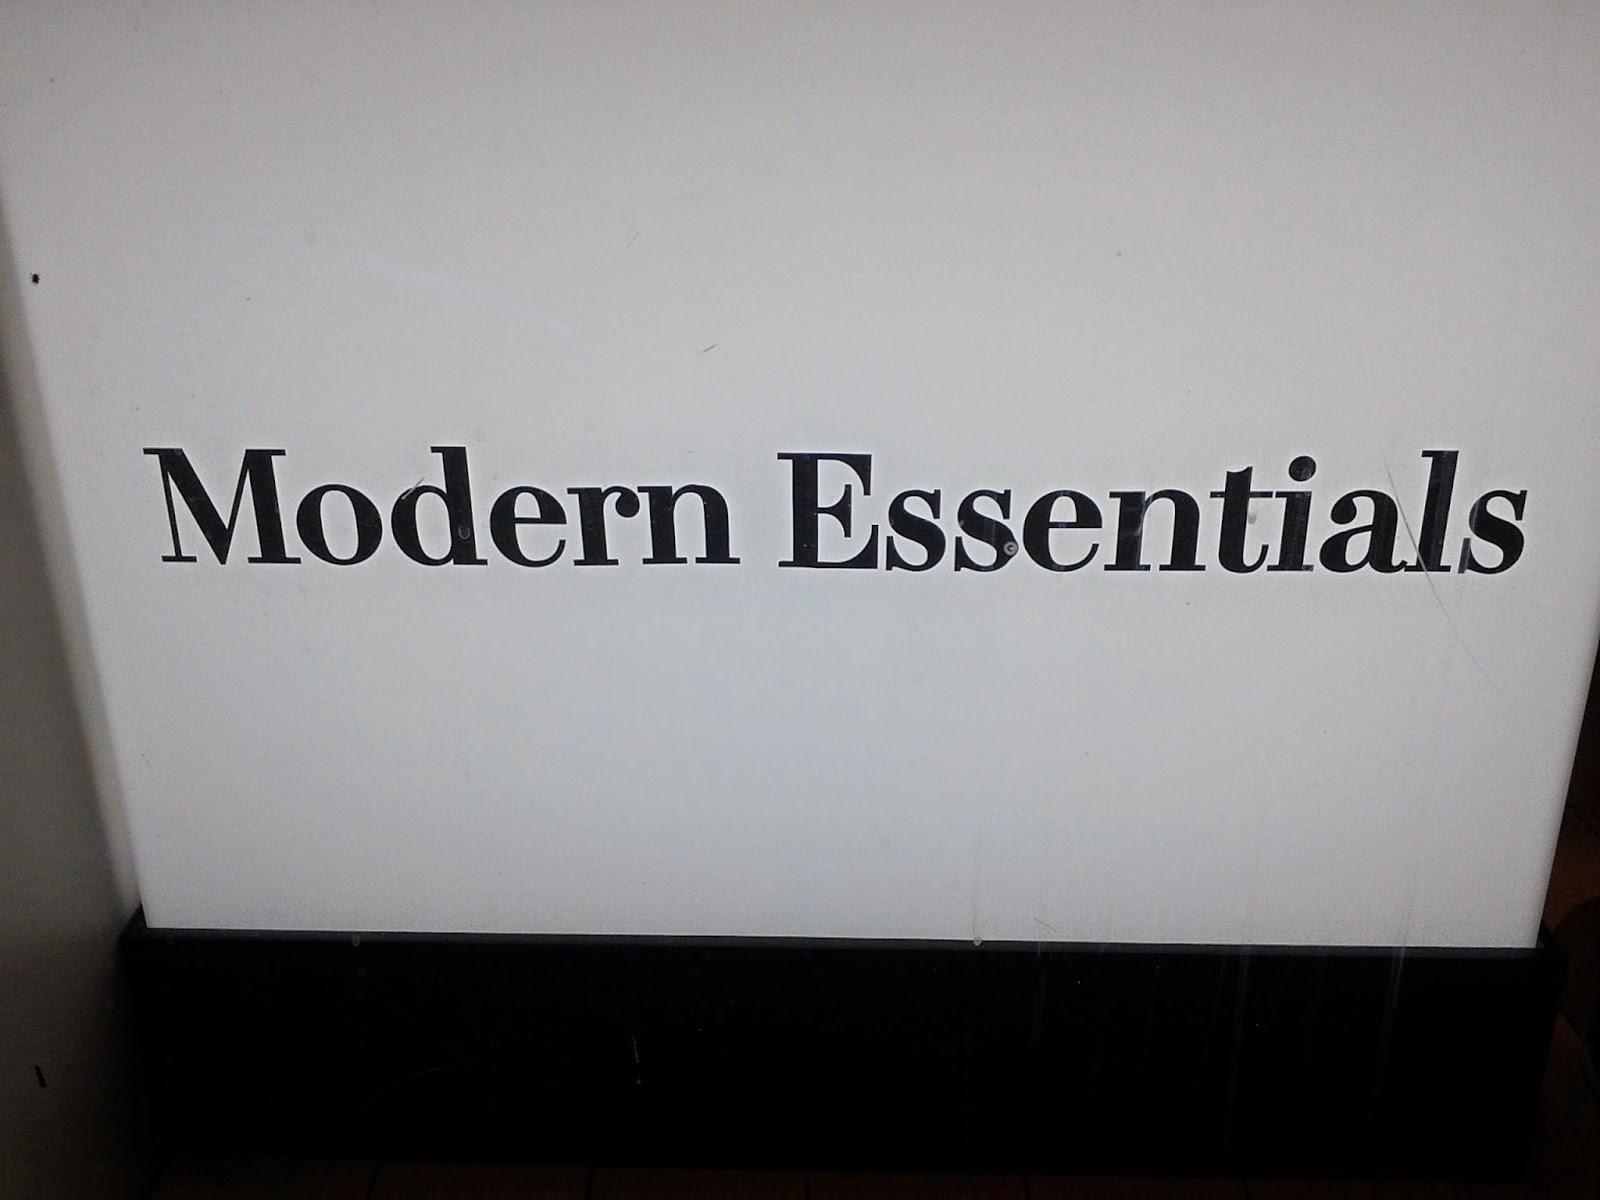 Modern Essentials at H&M